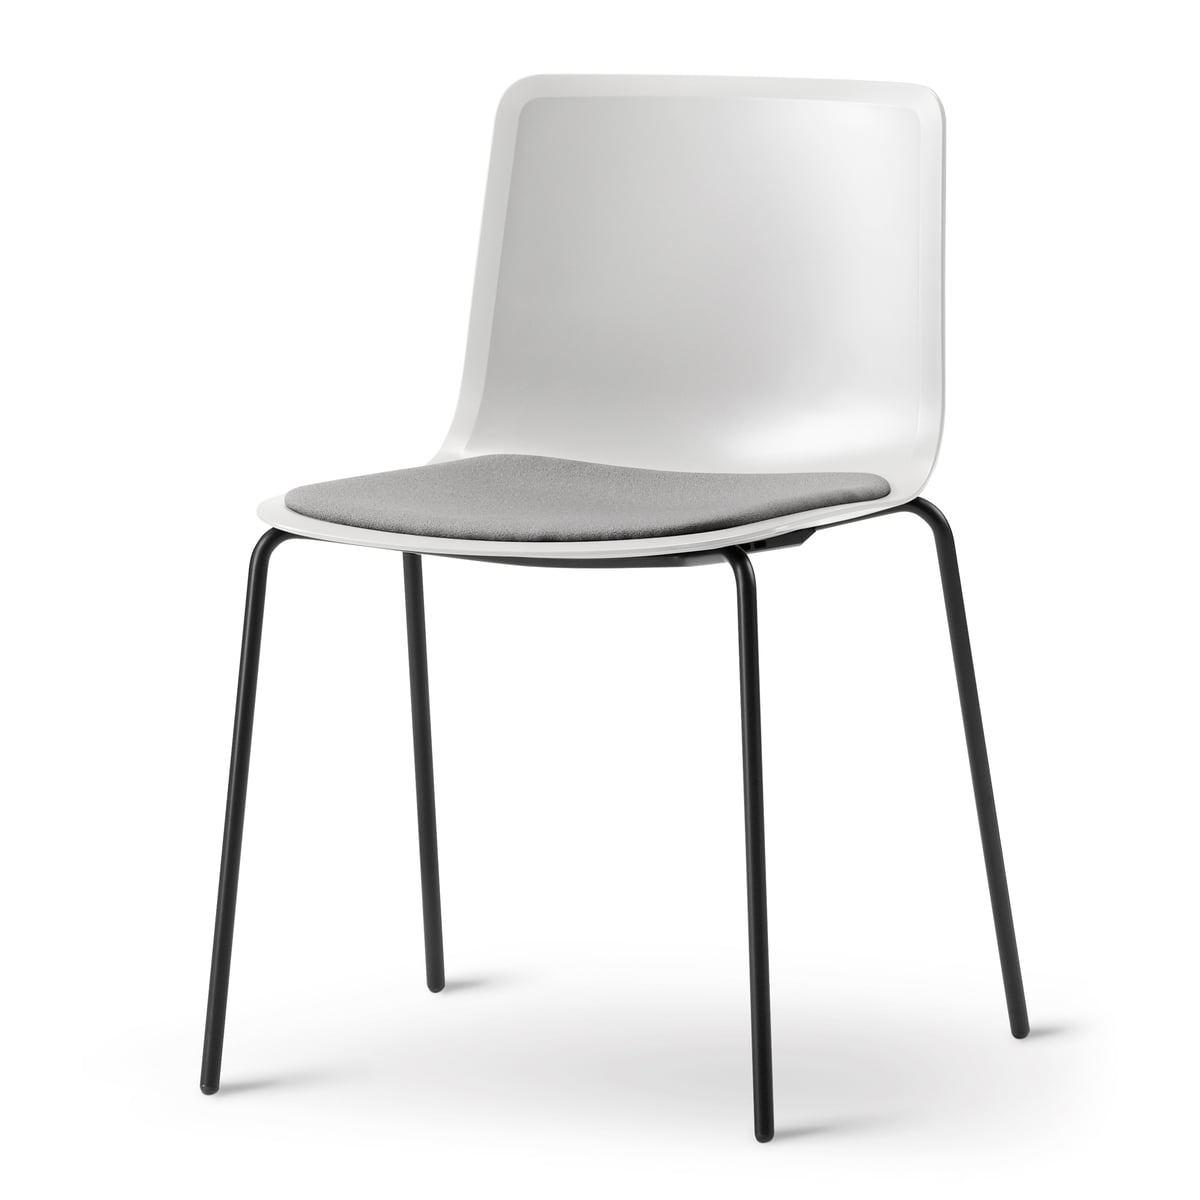 Faszinierend Stuhl Gepolstert Referenz Von